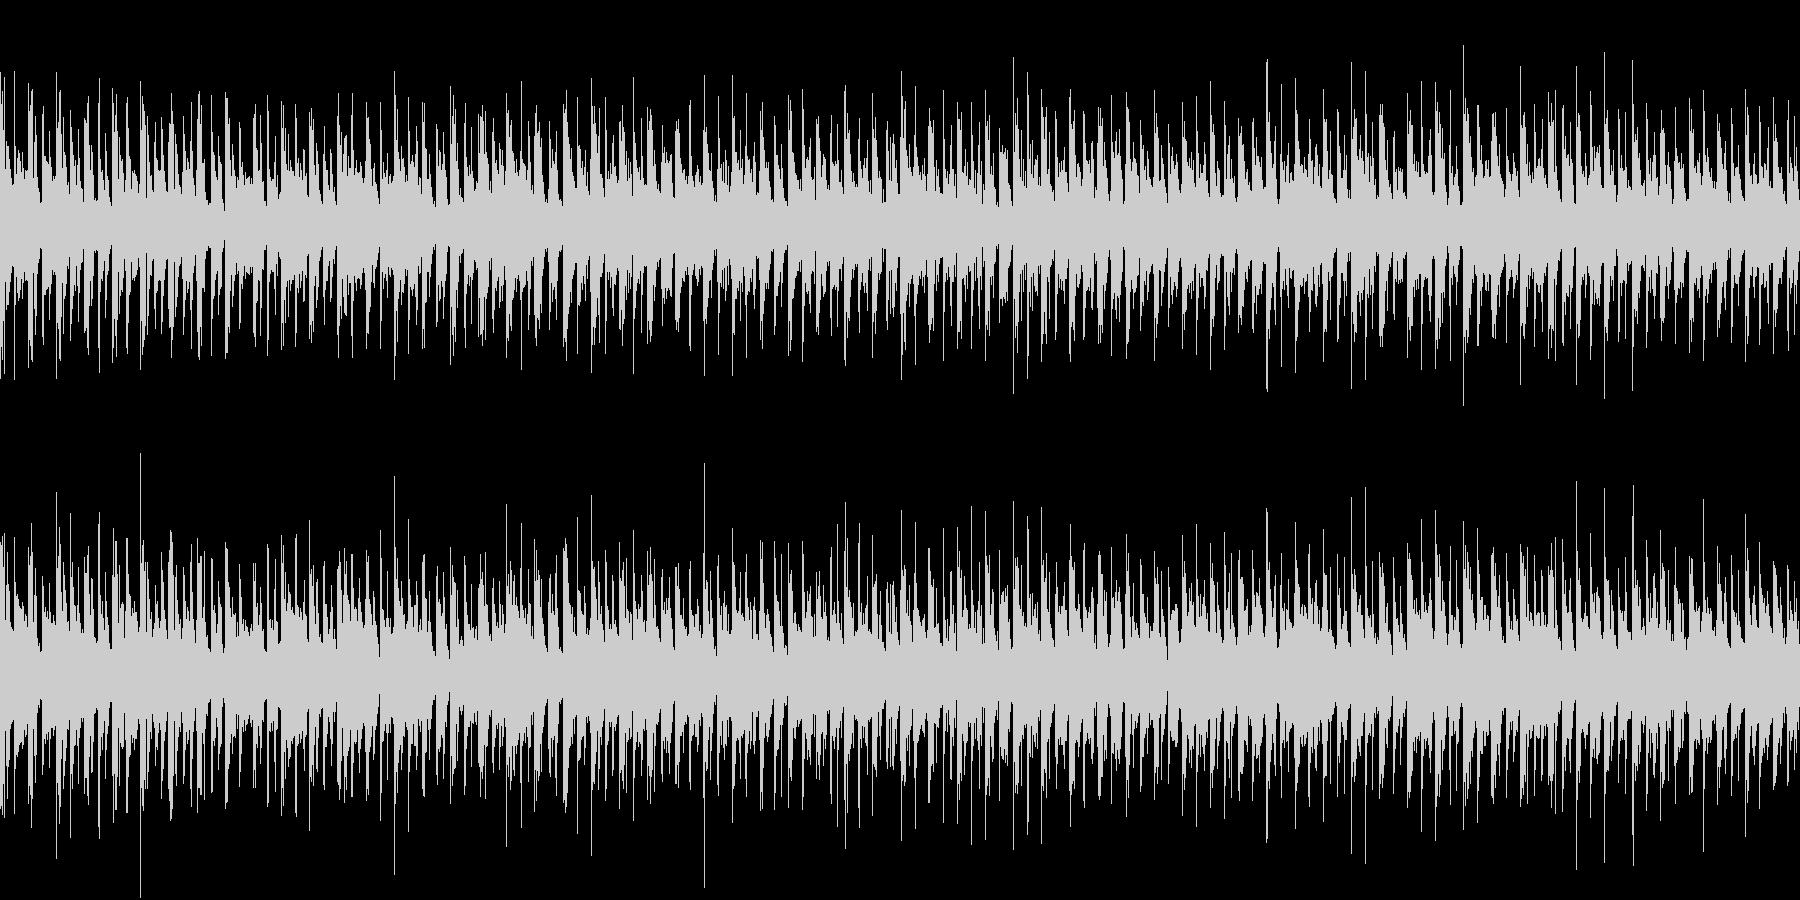 ダンジョン5 RPG ゲーム ループの未再生の波形